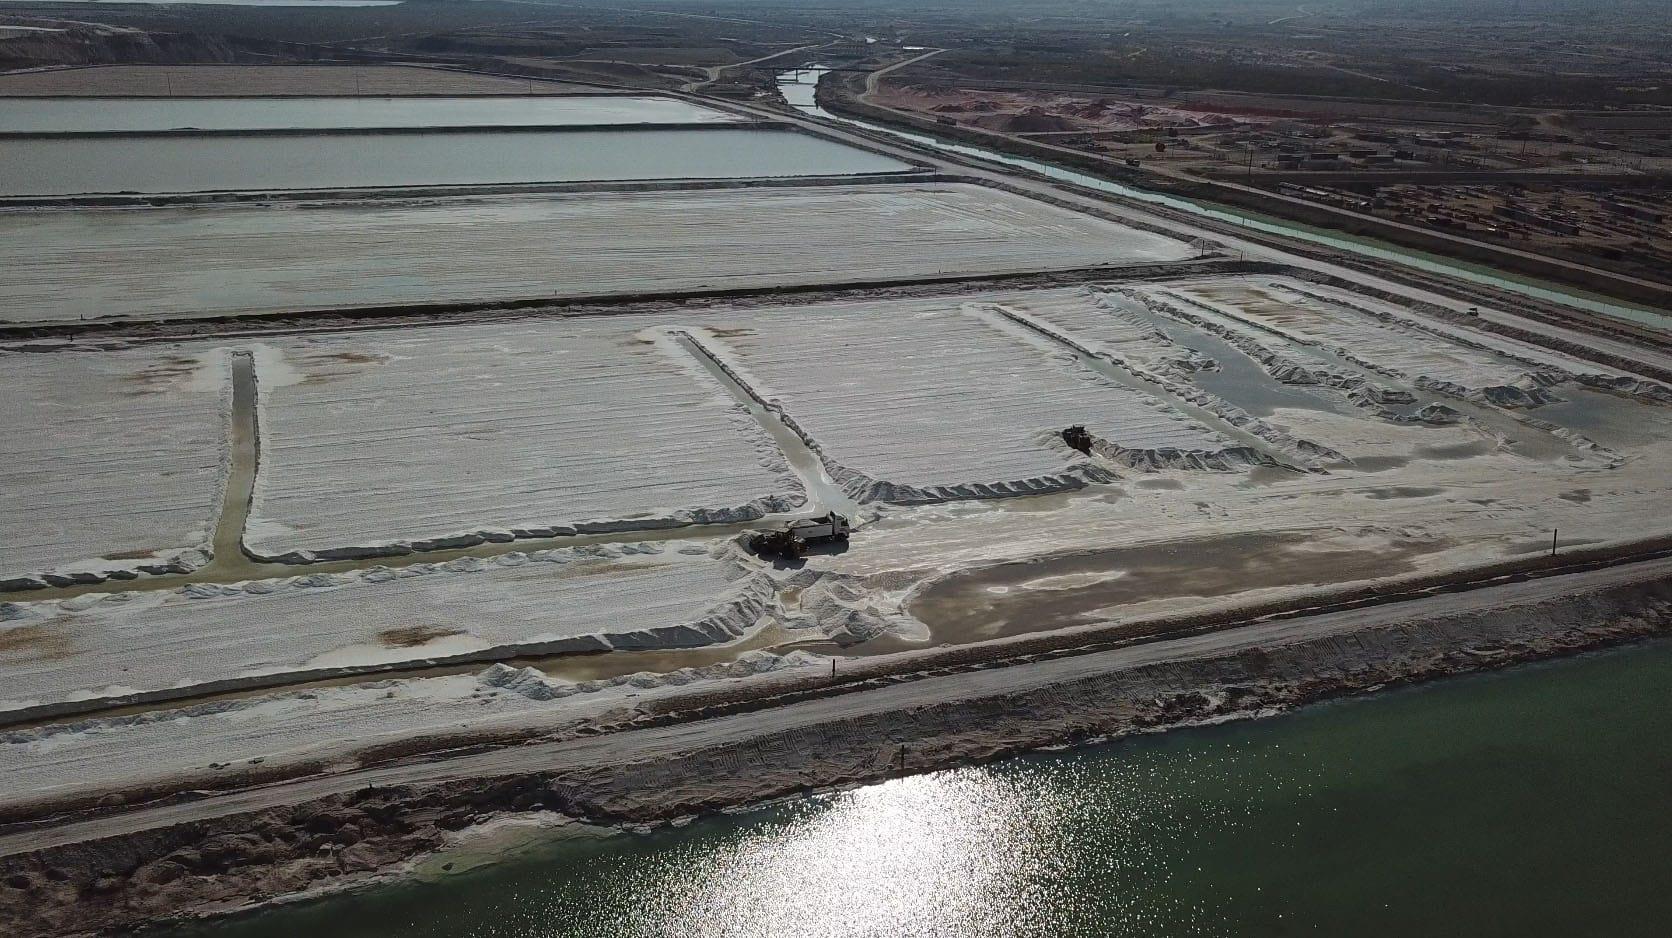 בריכות ייבוש המלח בים המלח (צילום: אליעד איבס, גרינפיס)